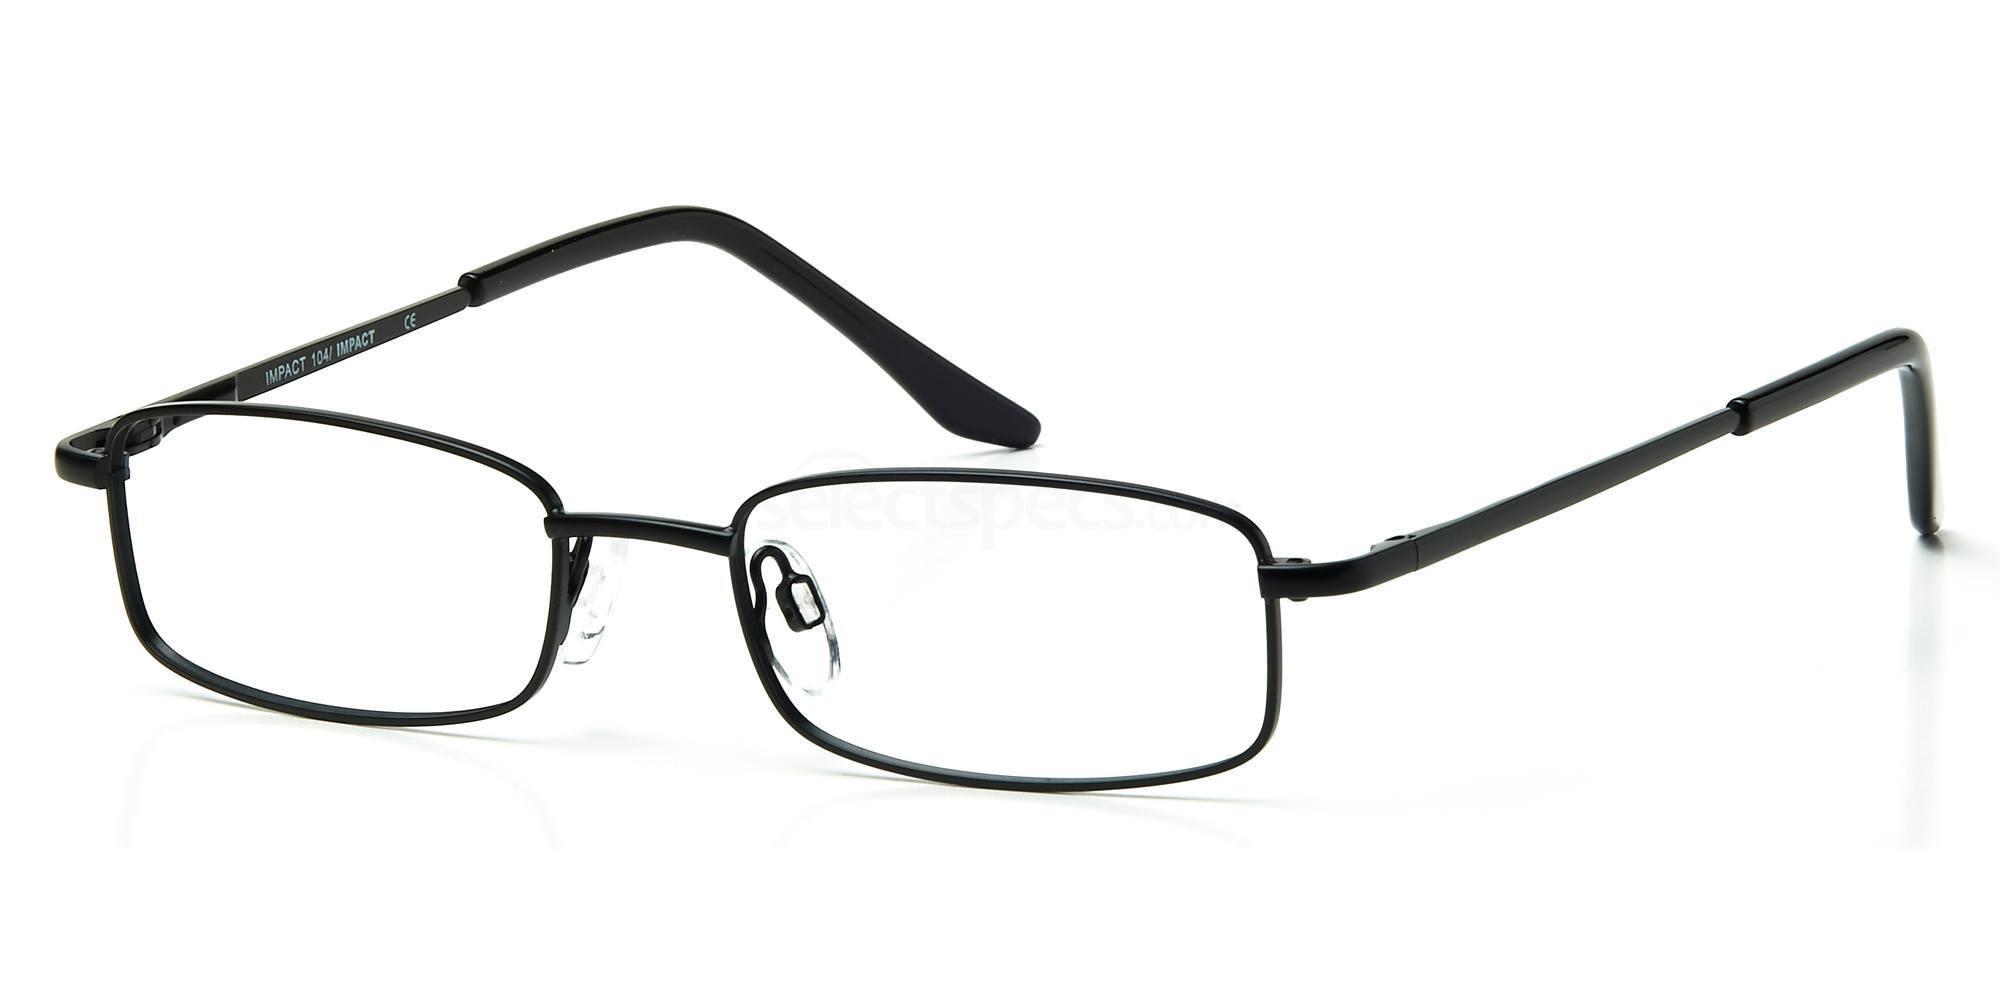 C1 IMPACT104 Glasses, Impact